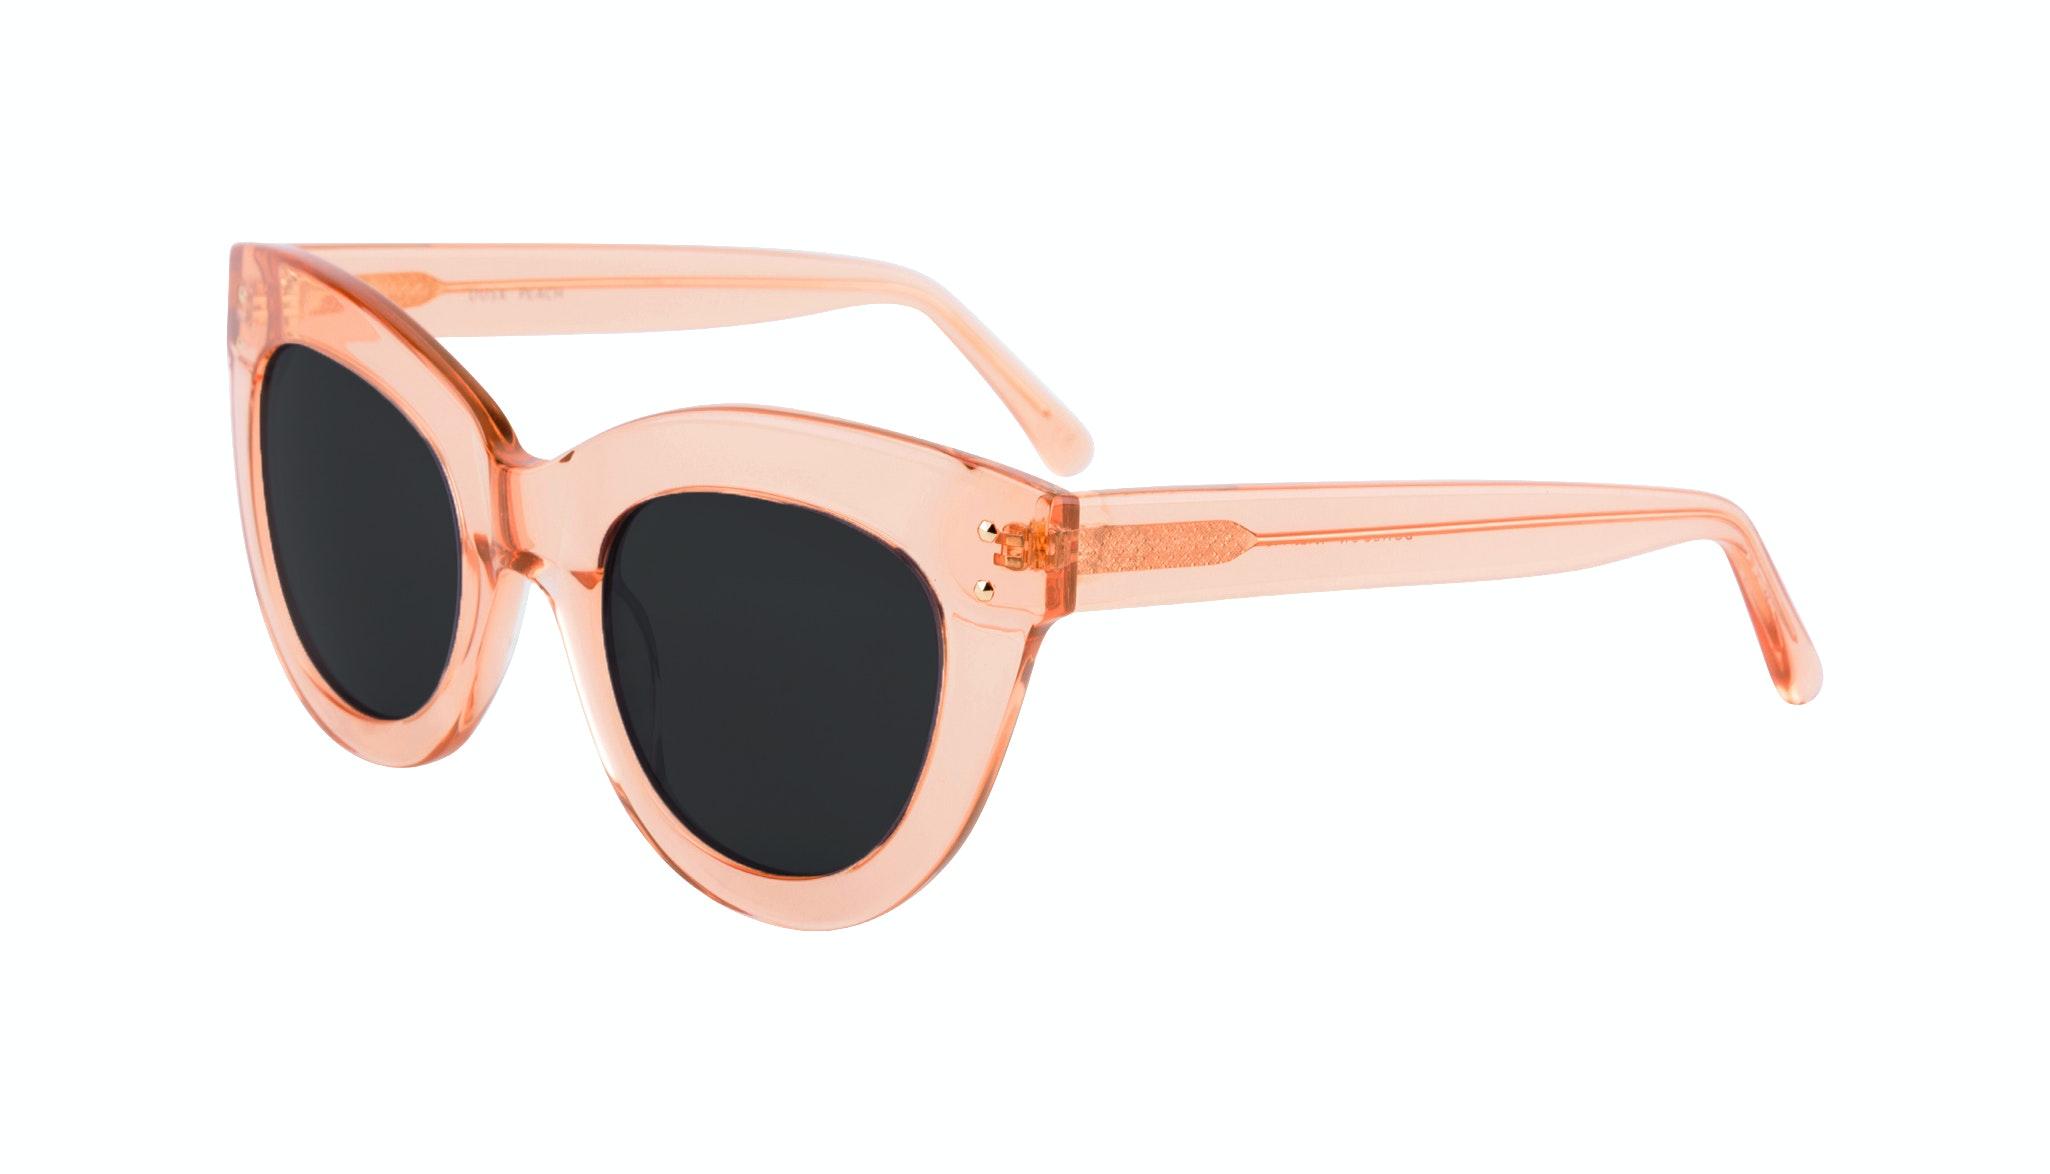 Lunettes tendance Oeil de chat Lunettes solaires Femmes Dusk Peach Incliné